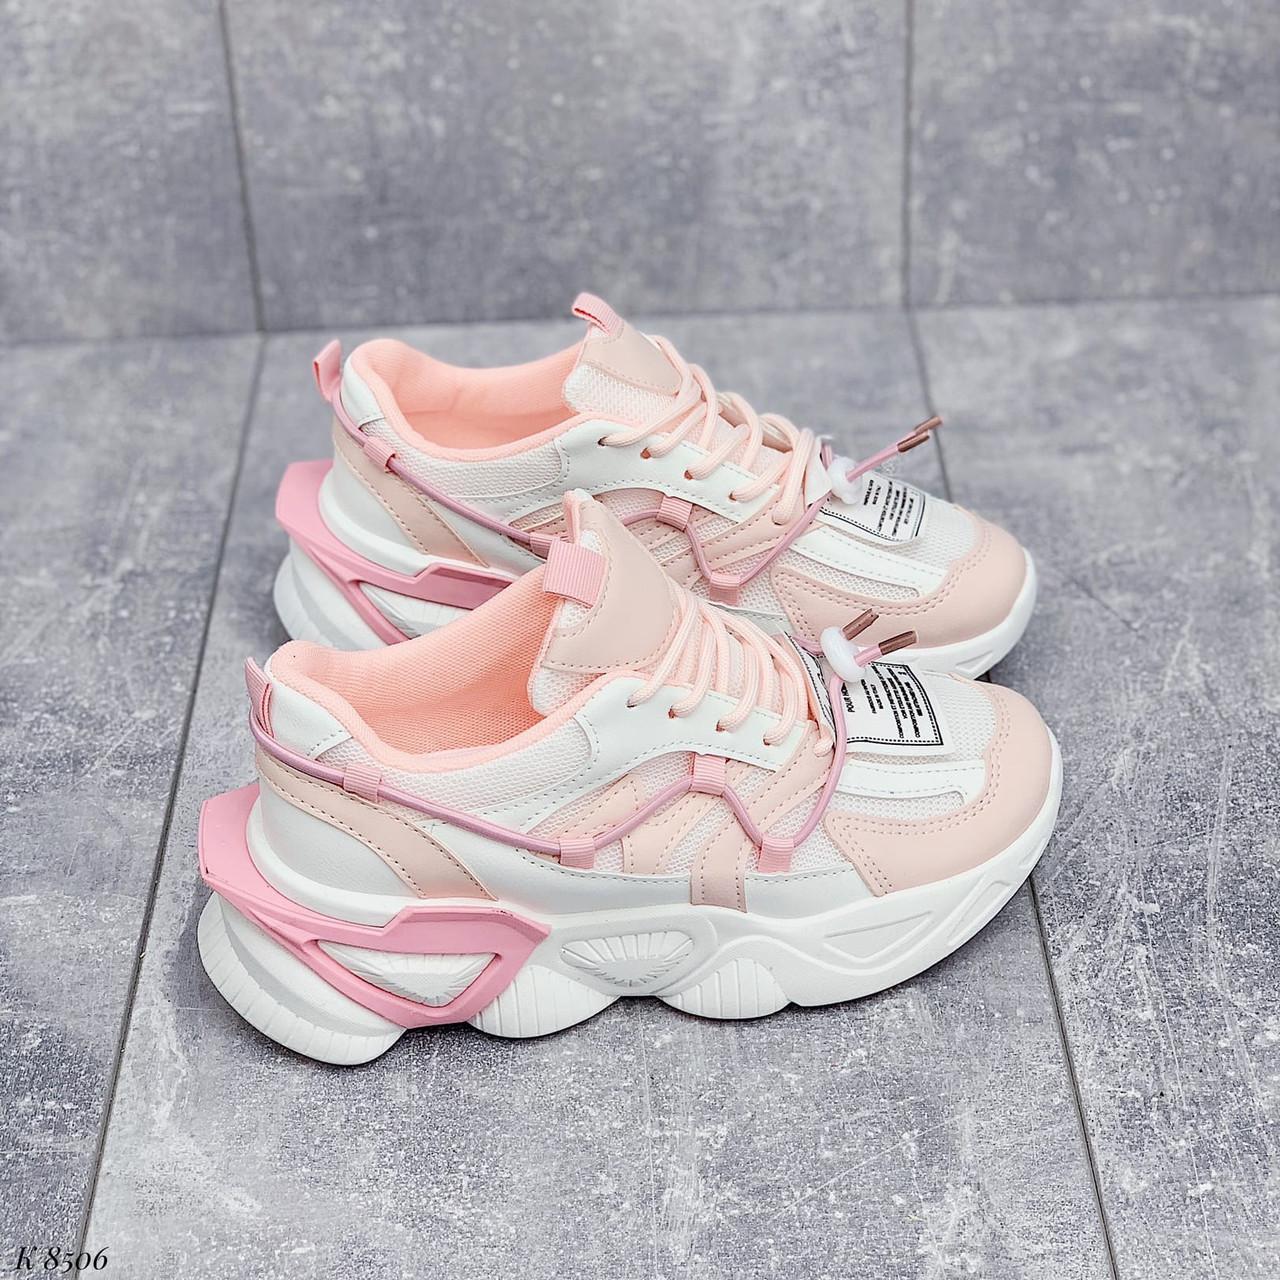 Женские кроссовки розовые / пудра с белым на платформе 6 см эко-кожа